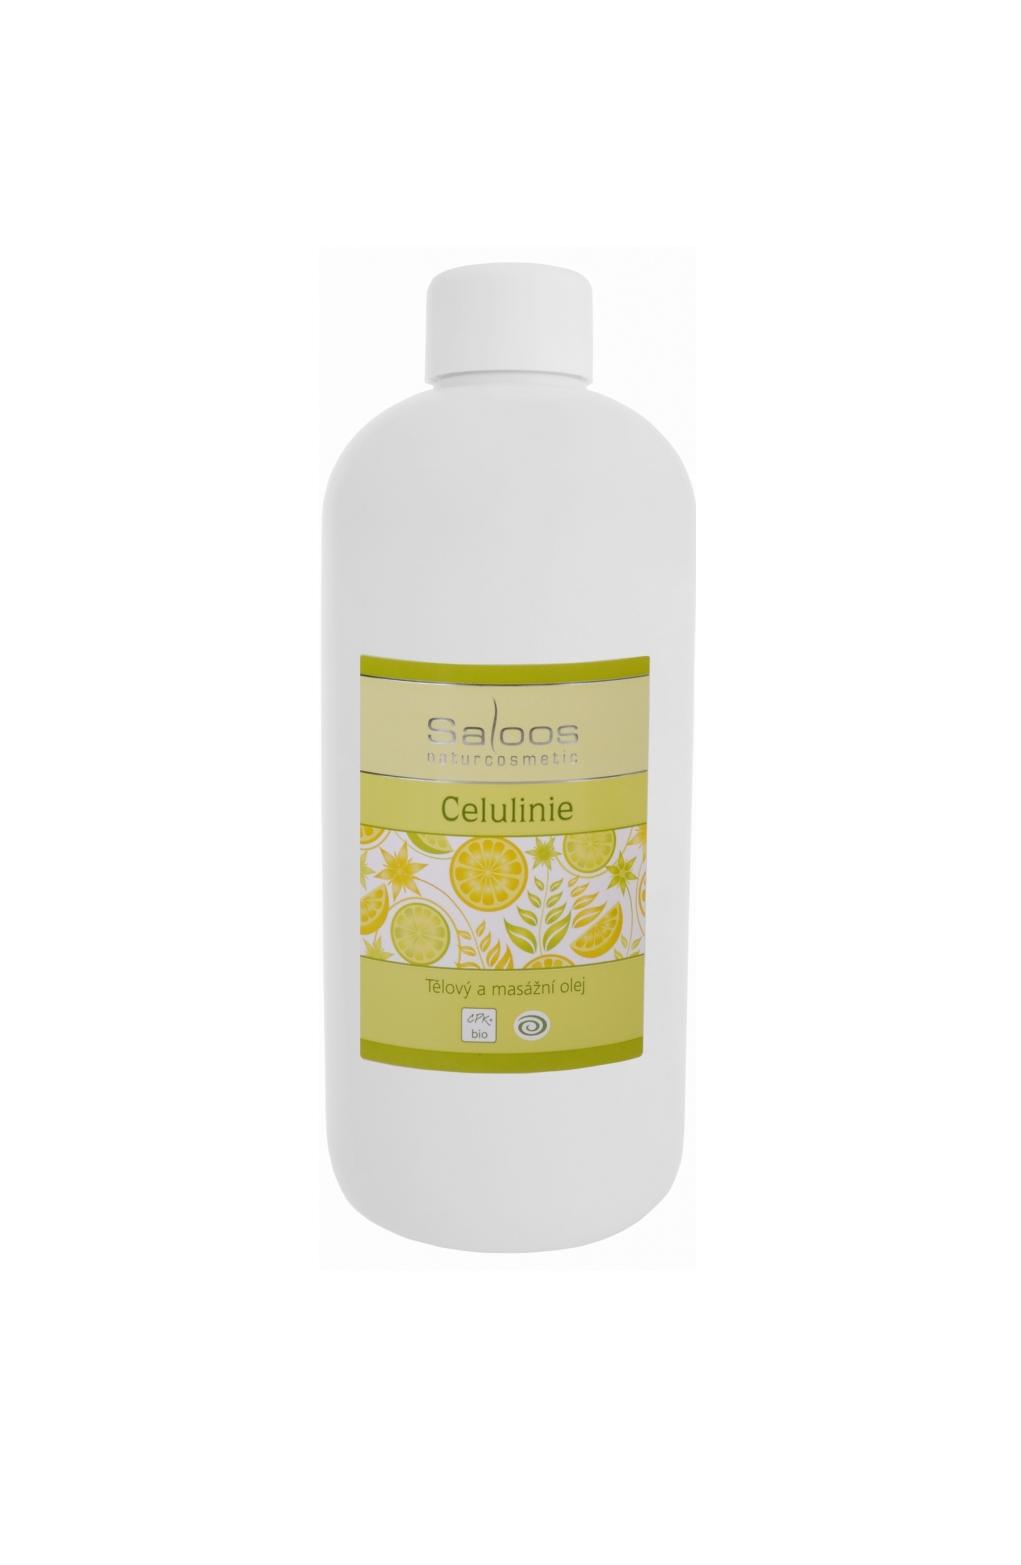 Saloos Celuline - Tělový a masážní olej 500 500 ml